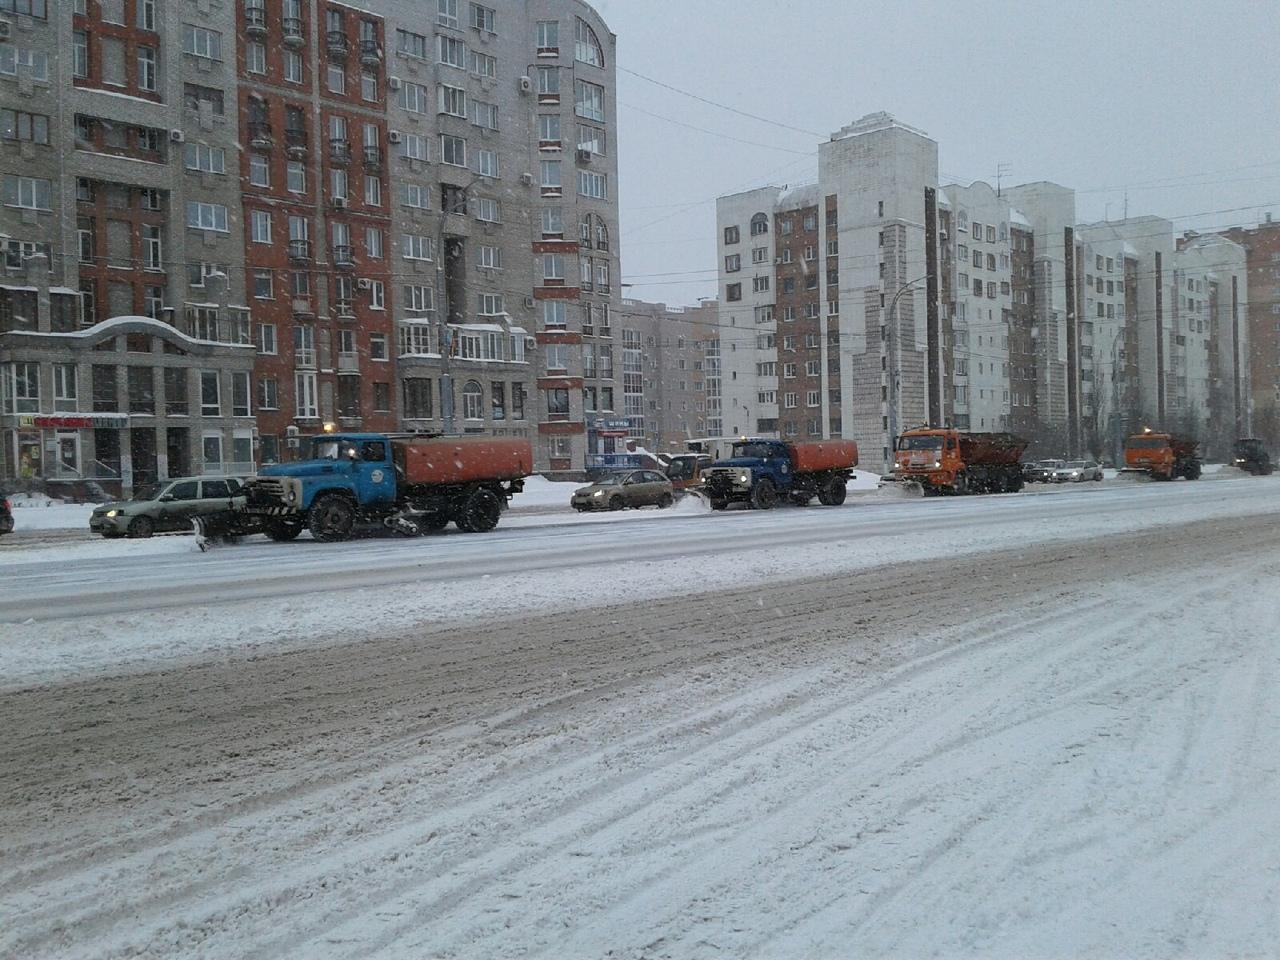 Омские дорожники бросили все силы на расчистку улиц от снега #Новости #Общество #Омск